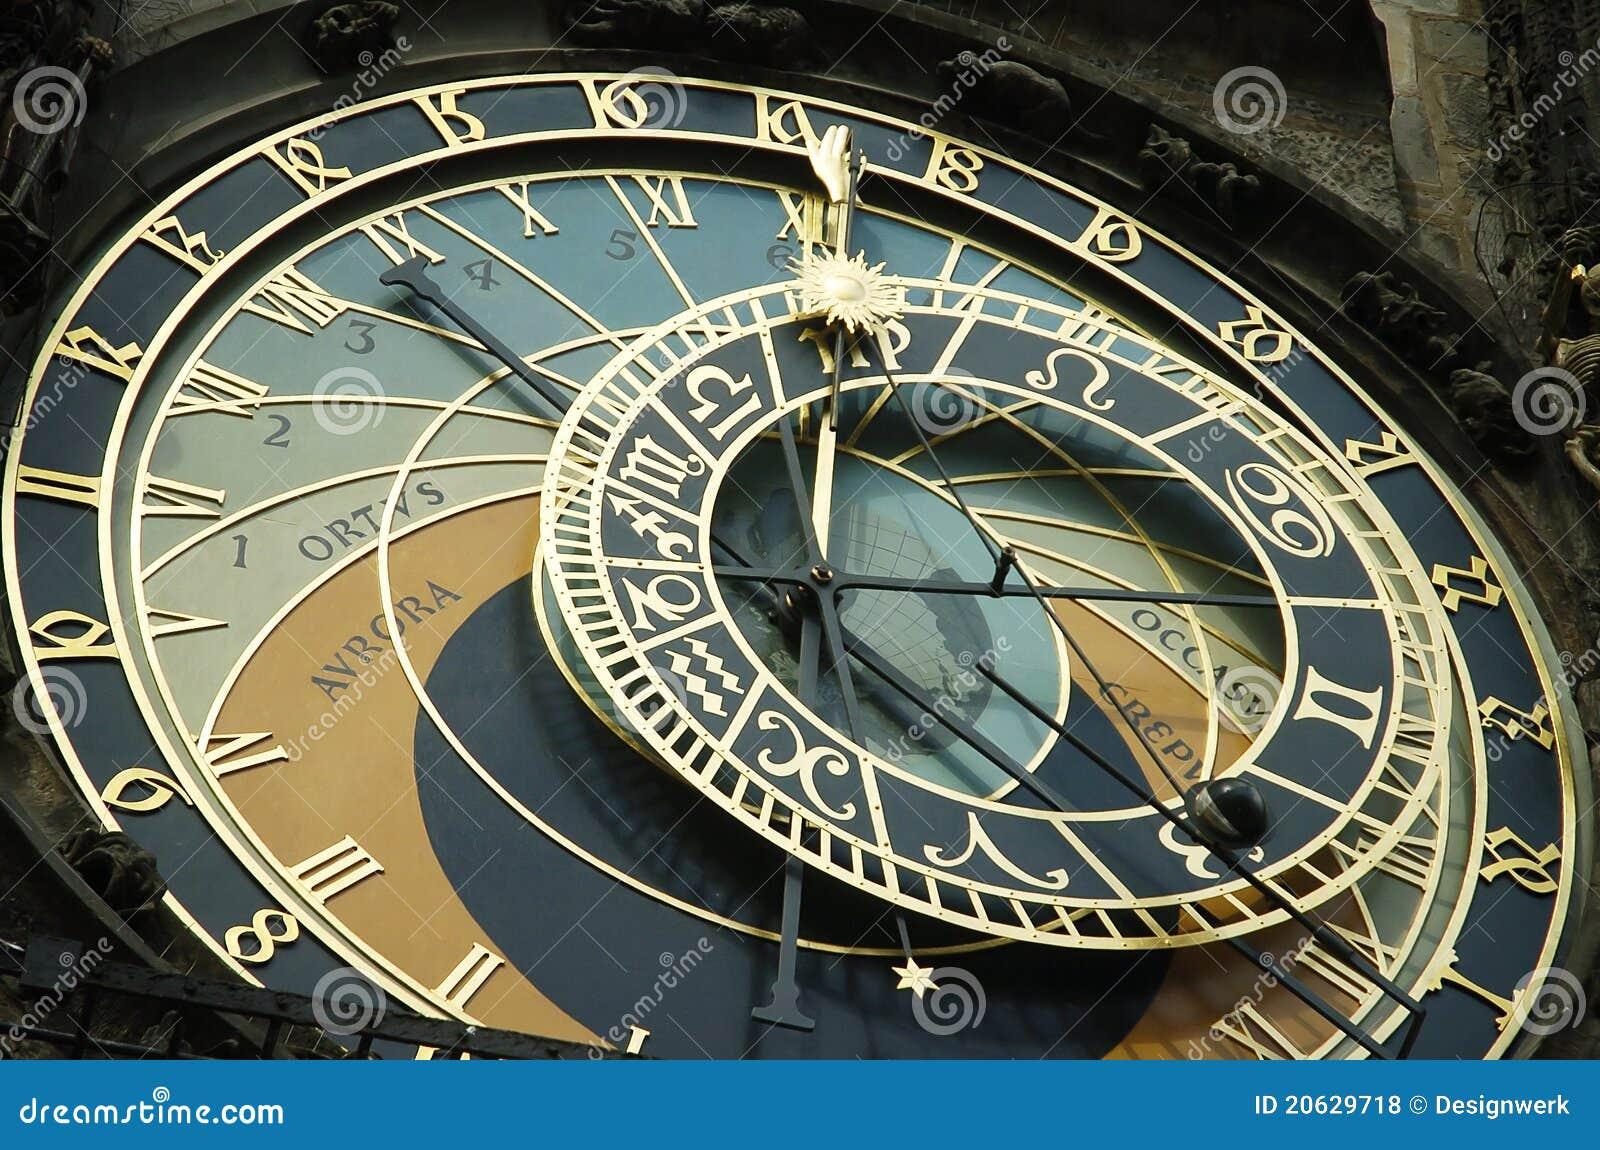 நேரம் பழையதாகிவிட்டது  Old-wall-clock-moon-sun-position-20629718